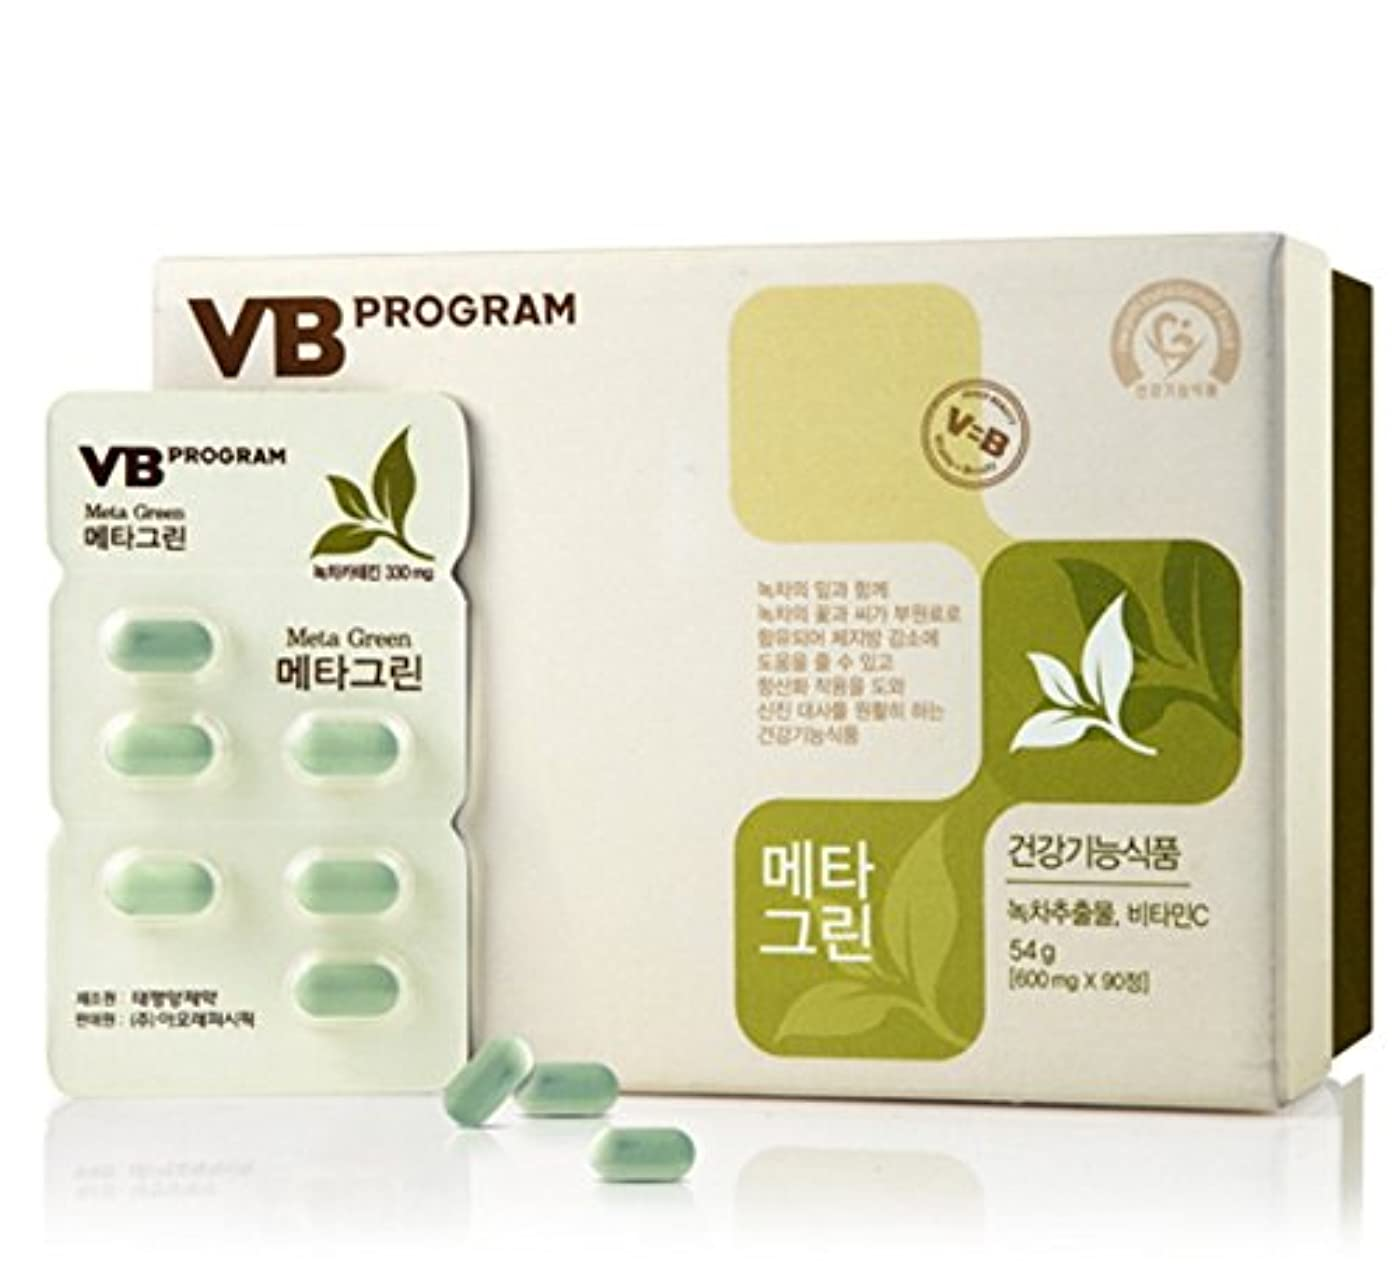 なぞらえる季節耐えられないVb Program Meta Green 600mg X 90 Pills 54g for Women Weight Control Green Tea[並行輸入品]